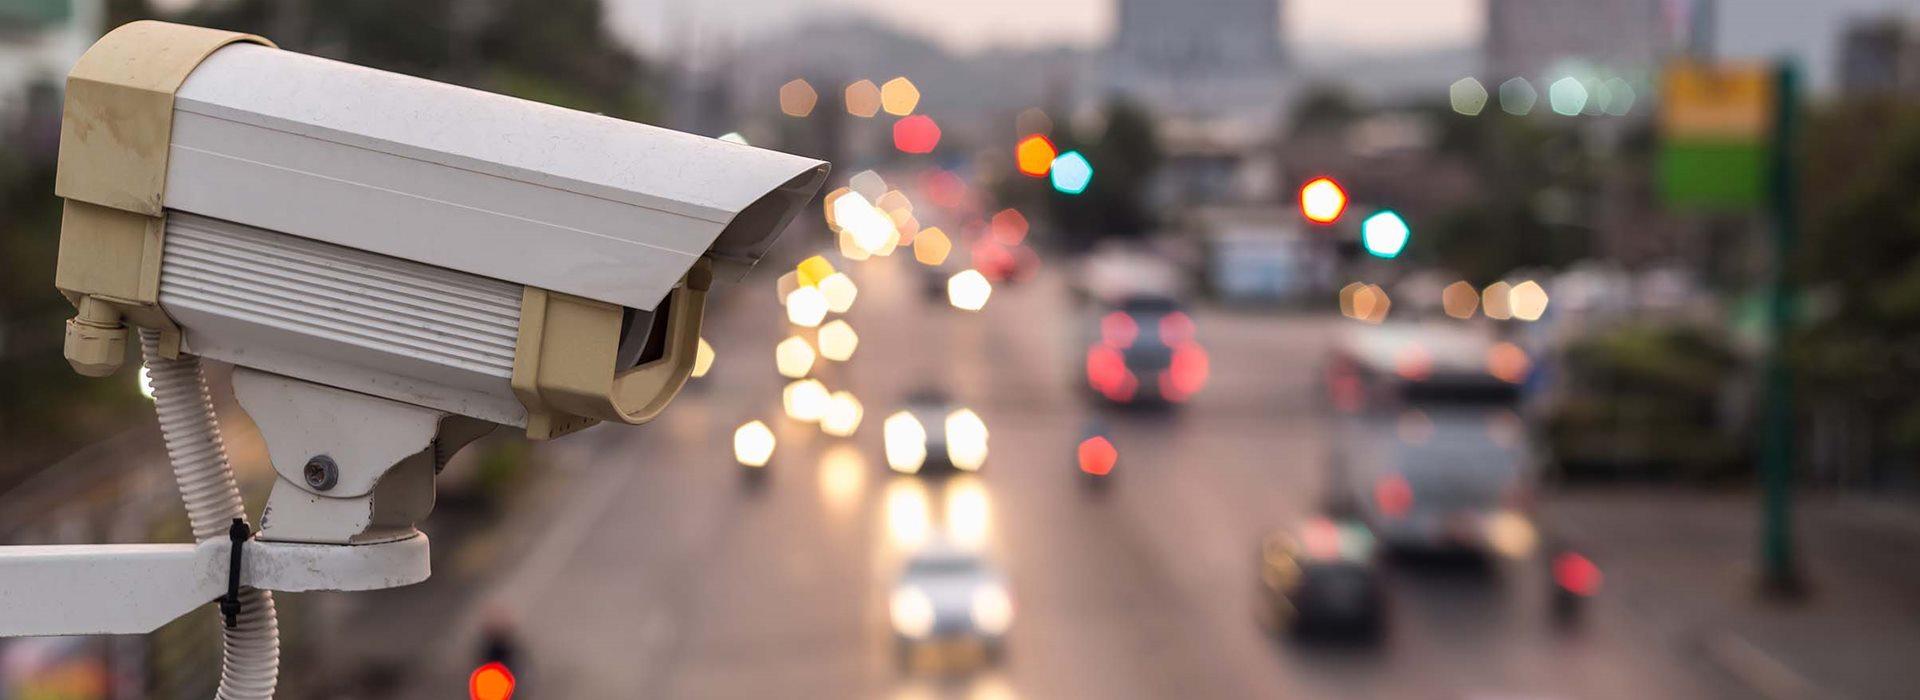 Система видеонаблюдения «Безопасный город» и ее составляющие